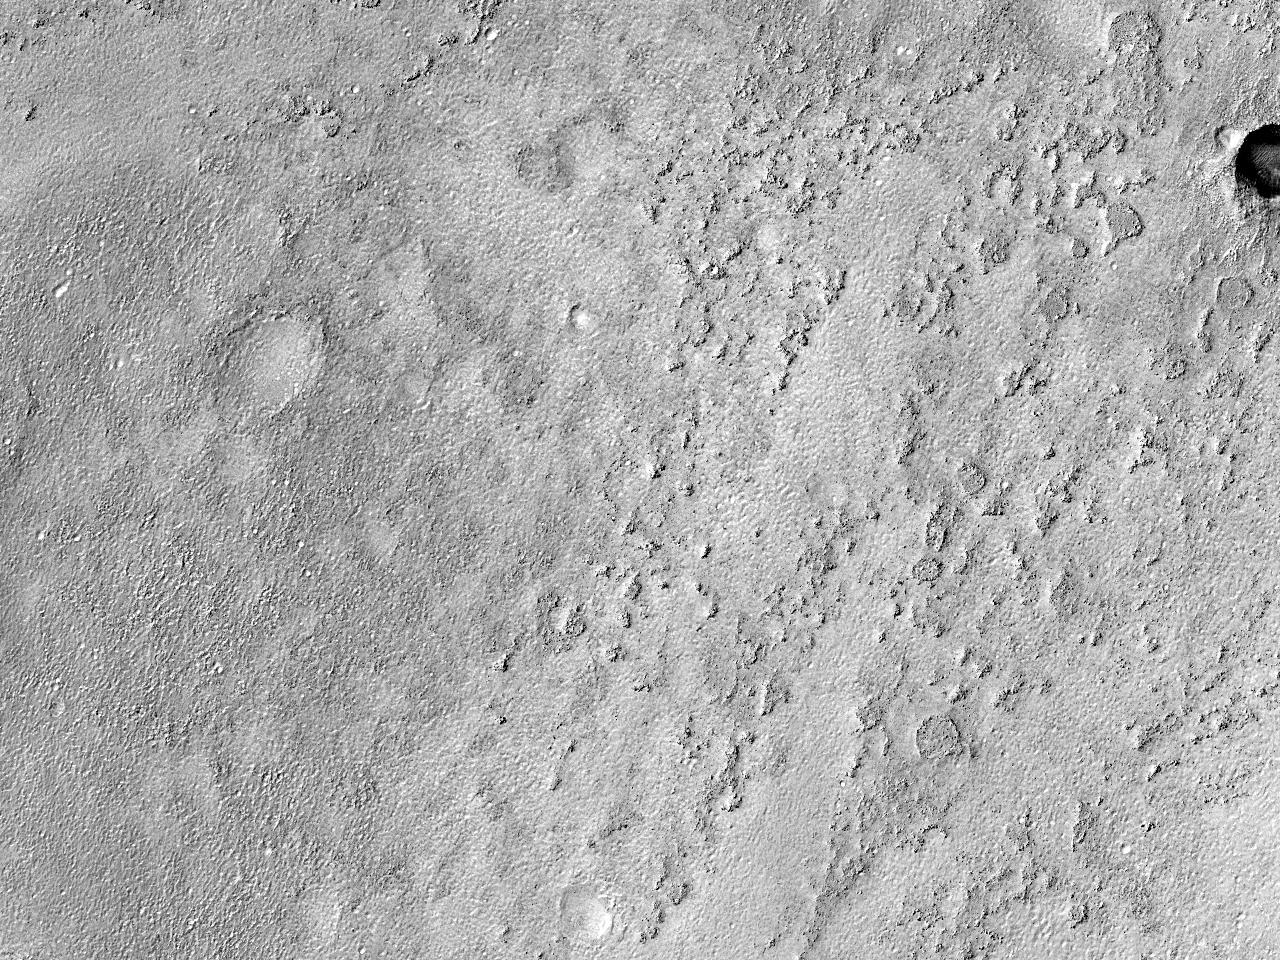 Terase de stâncă și mici movile în interiorul CrateruluiArrhenius